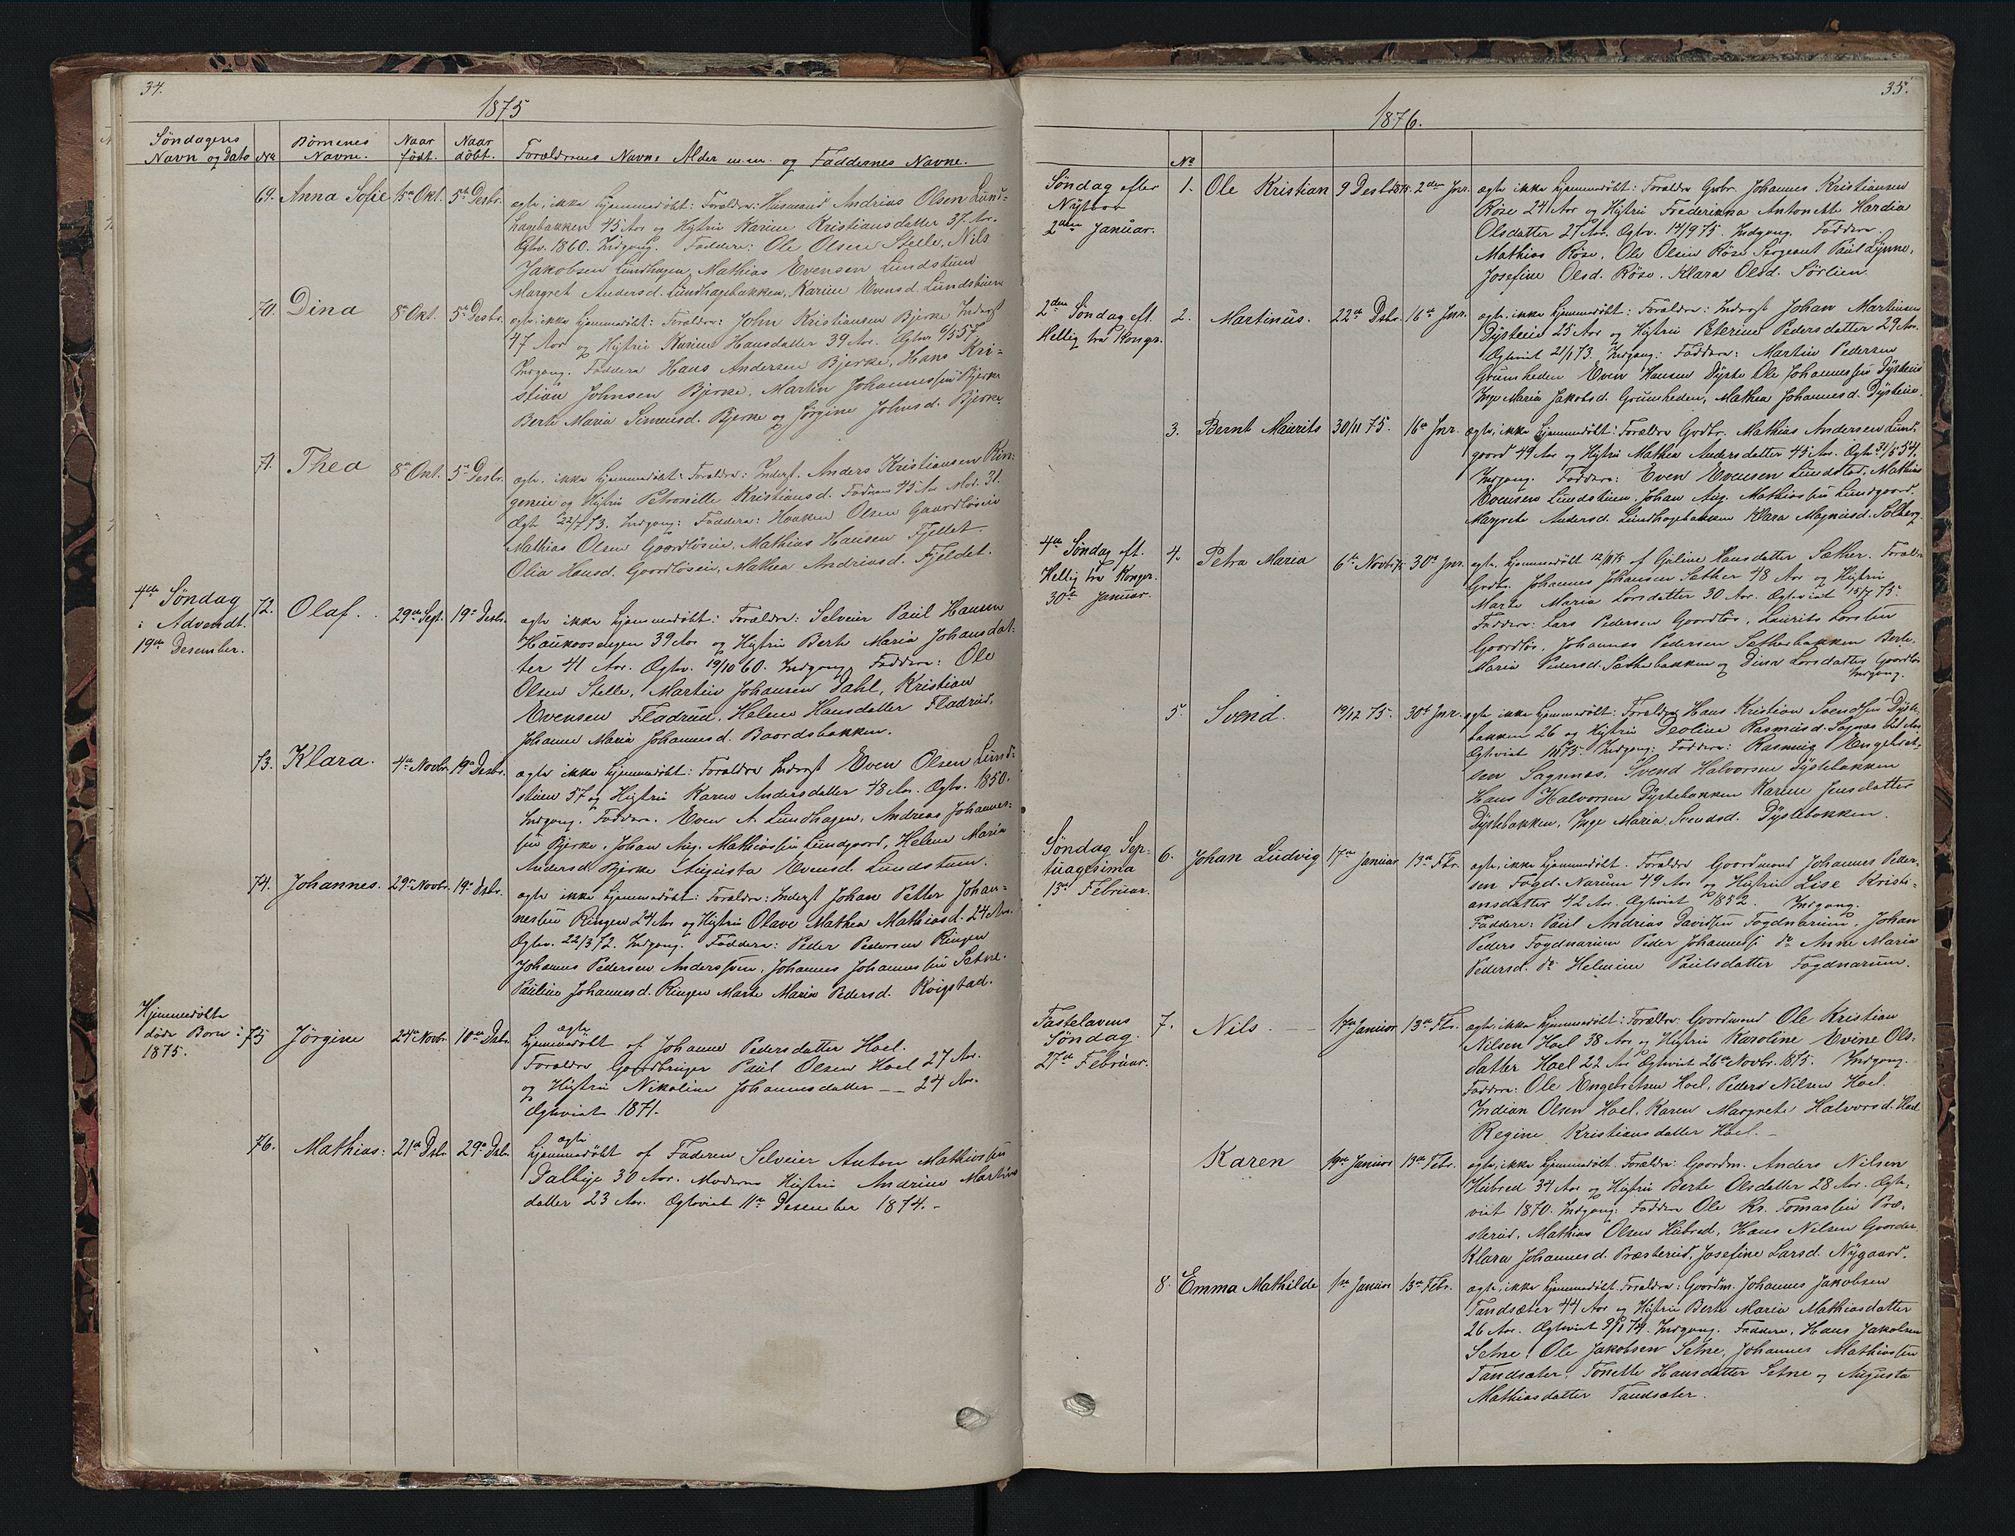 SAH, Vestre Toten prestekontor, Klokkerbok nr. 7, 1872-1900, s. 34-35